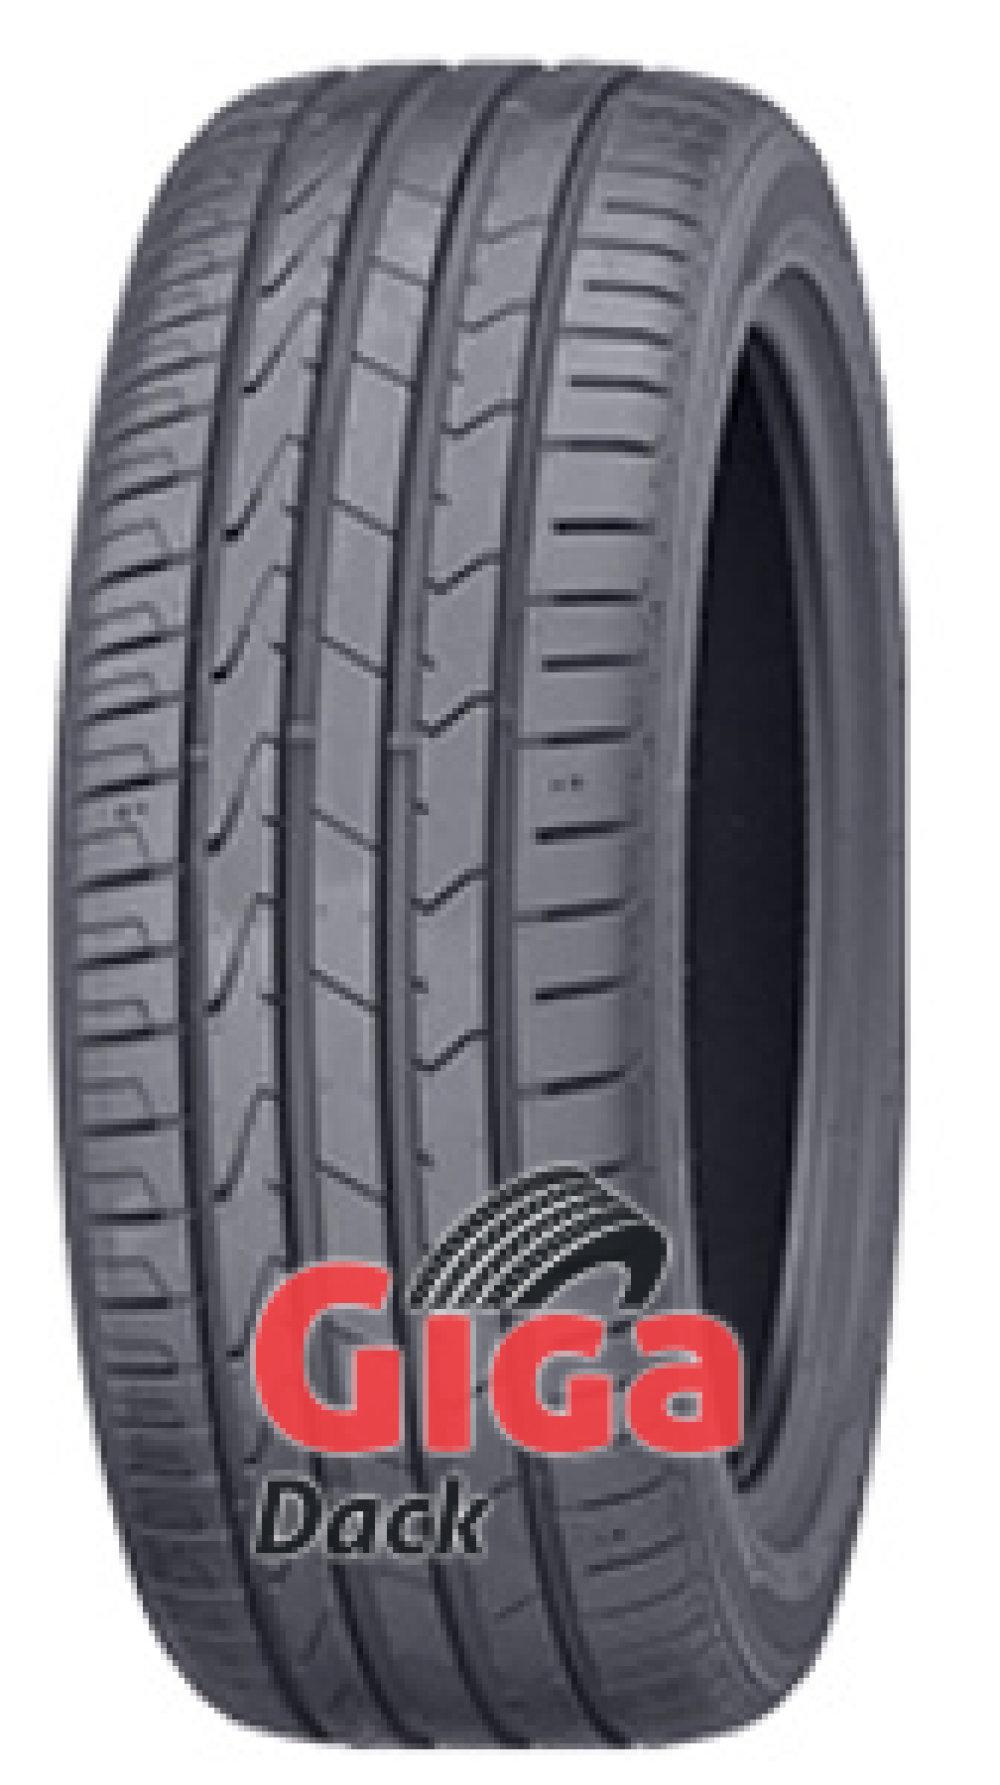 Pirelli Scorpion A/T Plus ( 265/65 R17 112T )